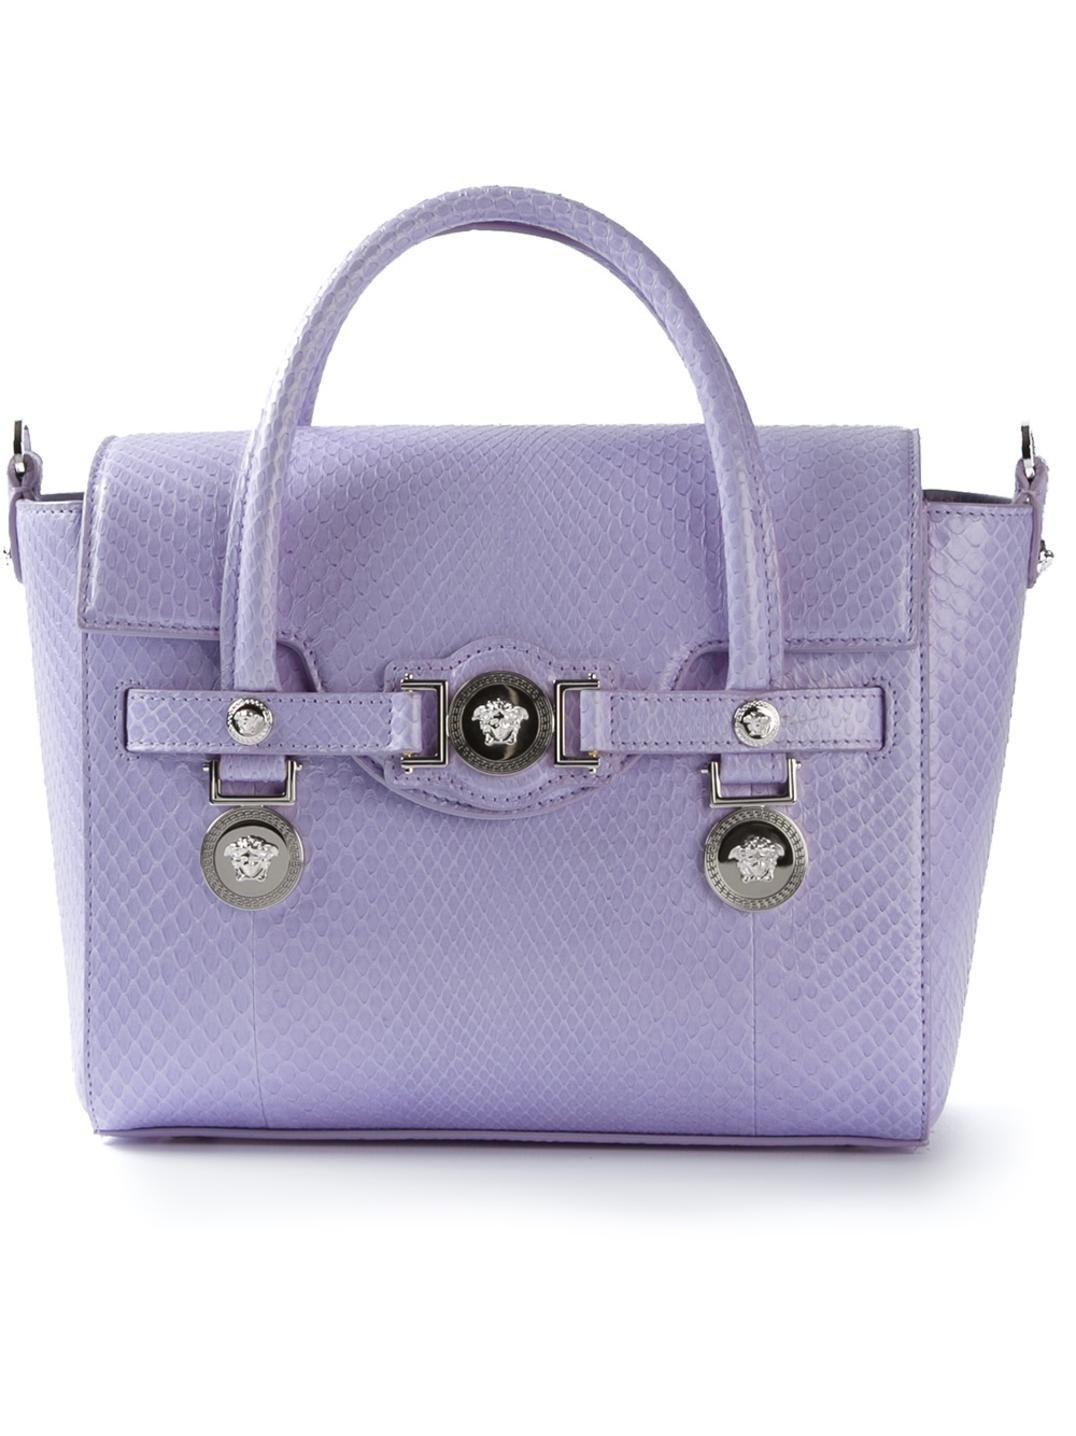 e17e57c87d39 Versace small signature top handle..  versace  lavender  tote  fashion   adore  highfashion  purple  chic